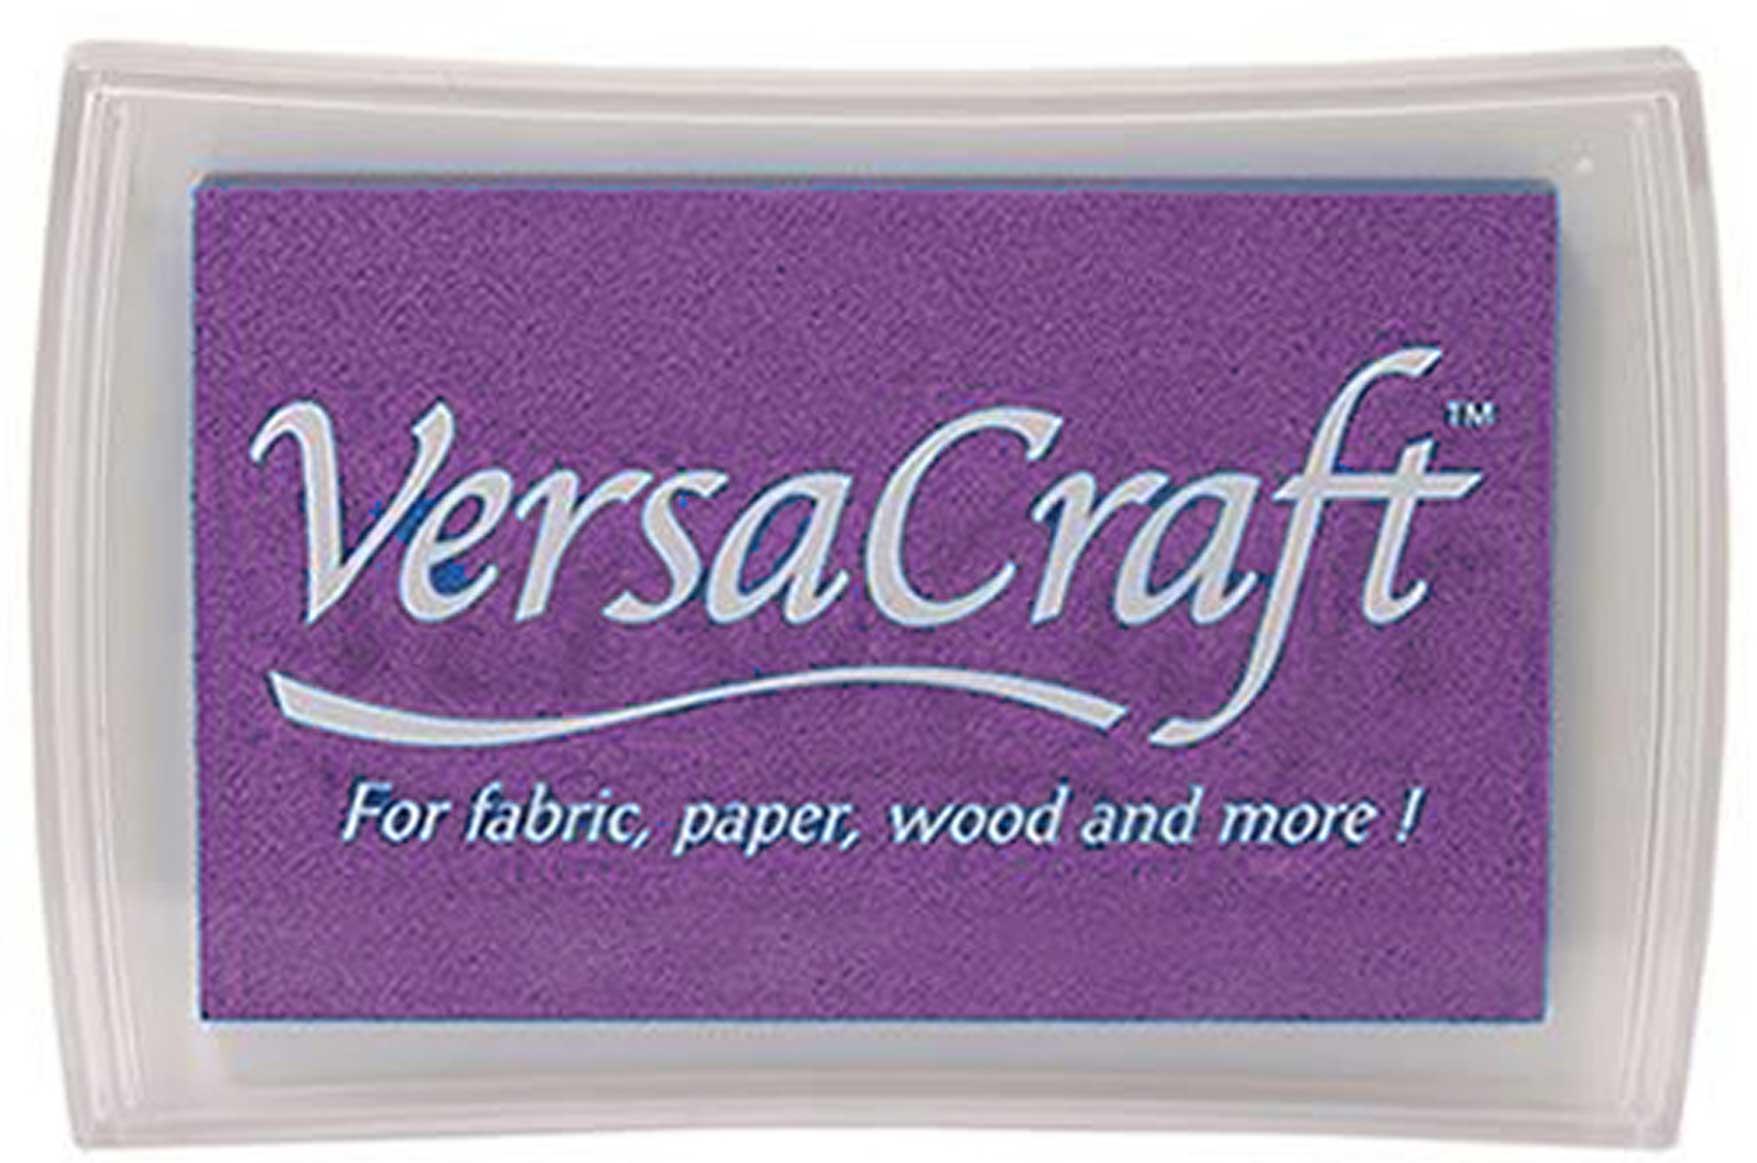 96036 - VersaCraft - Wisteria -  Stoff-Stempelkissen -